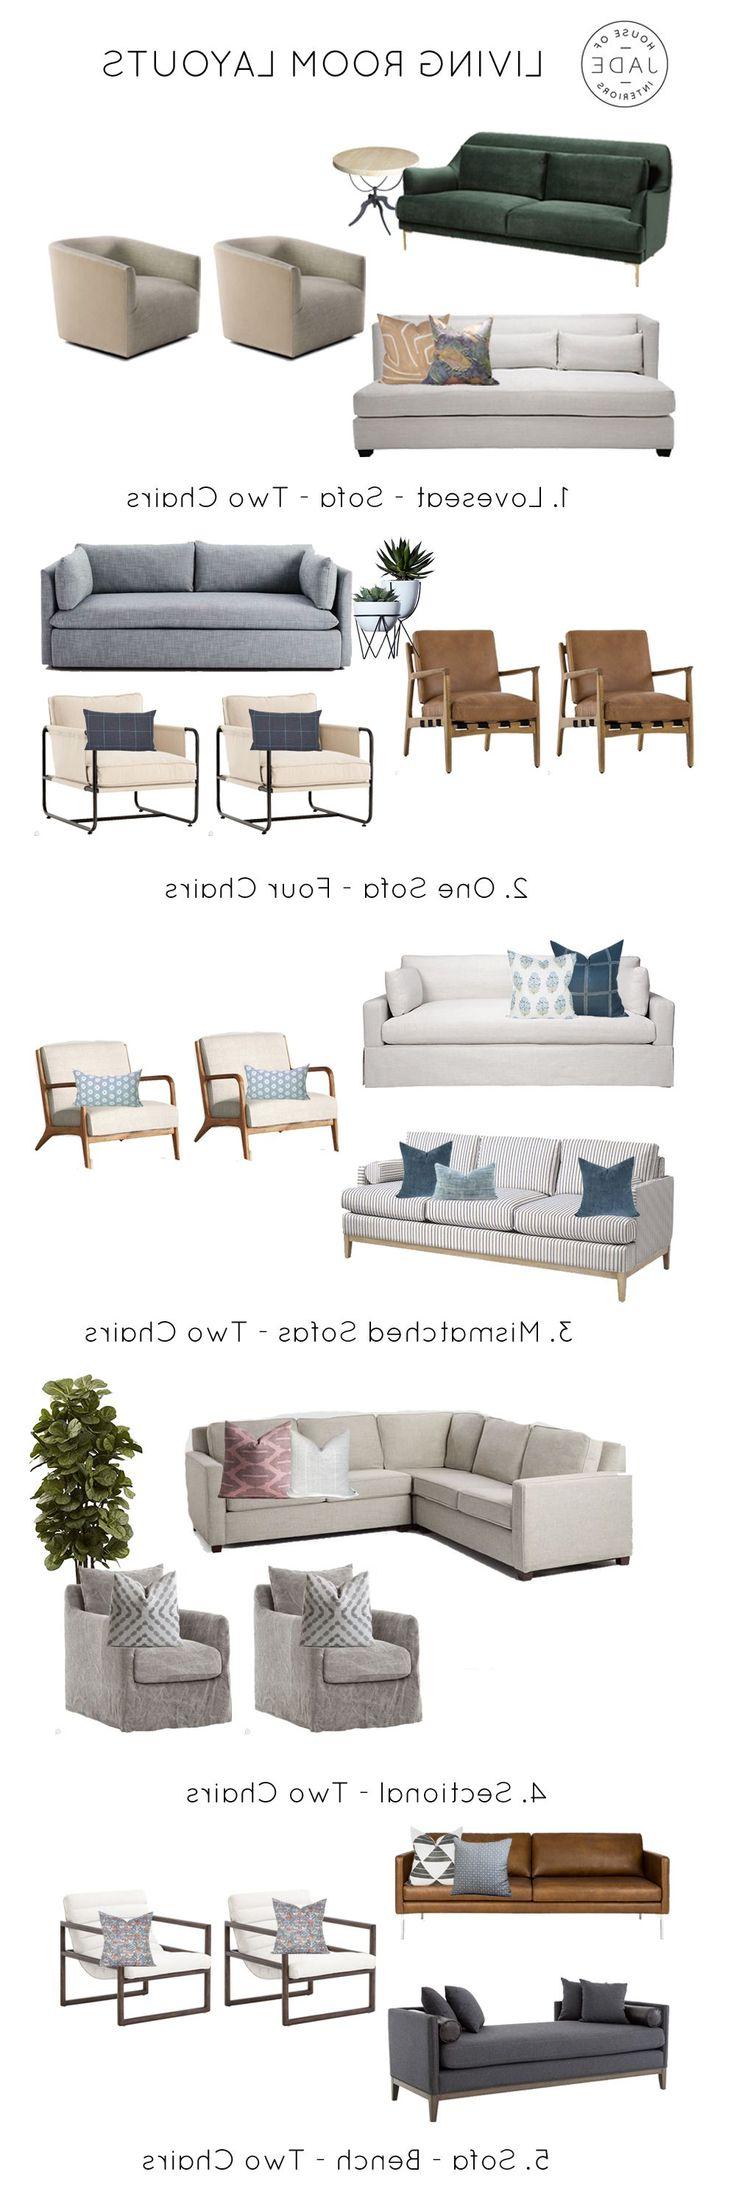 45 Best Deborah Master Bedroom Images On Pinterest | Bedroom Ideas With Kilian Grey 74 Inch Tv Stands (View 11 of 20)